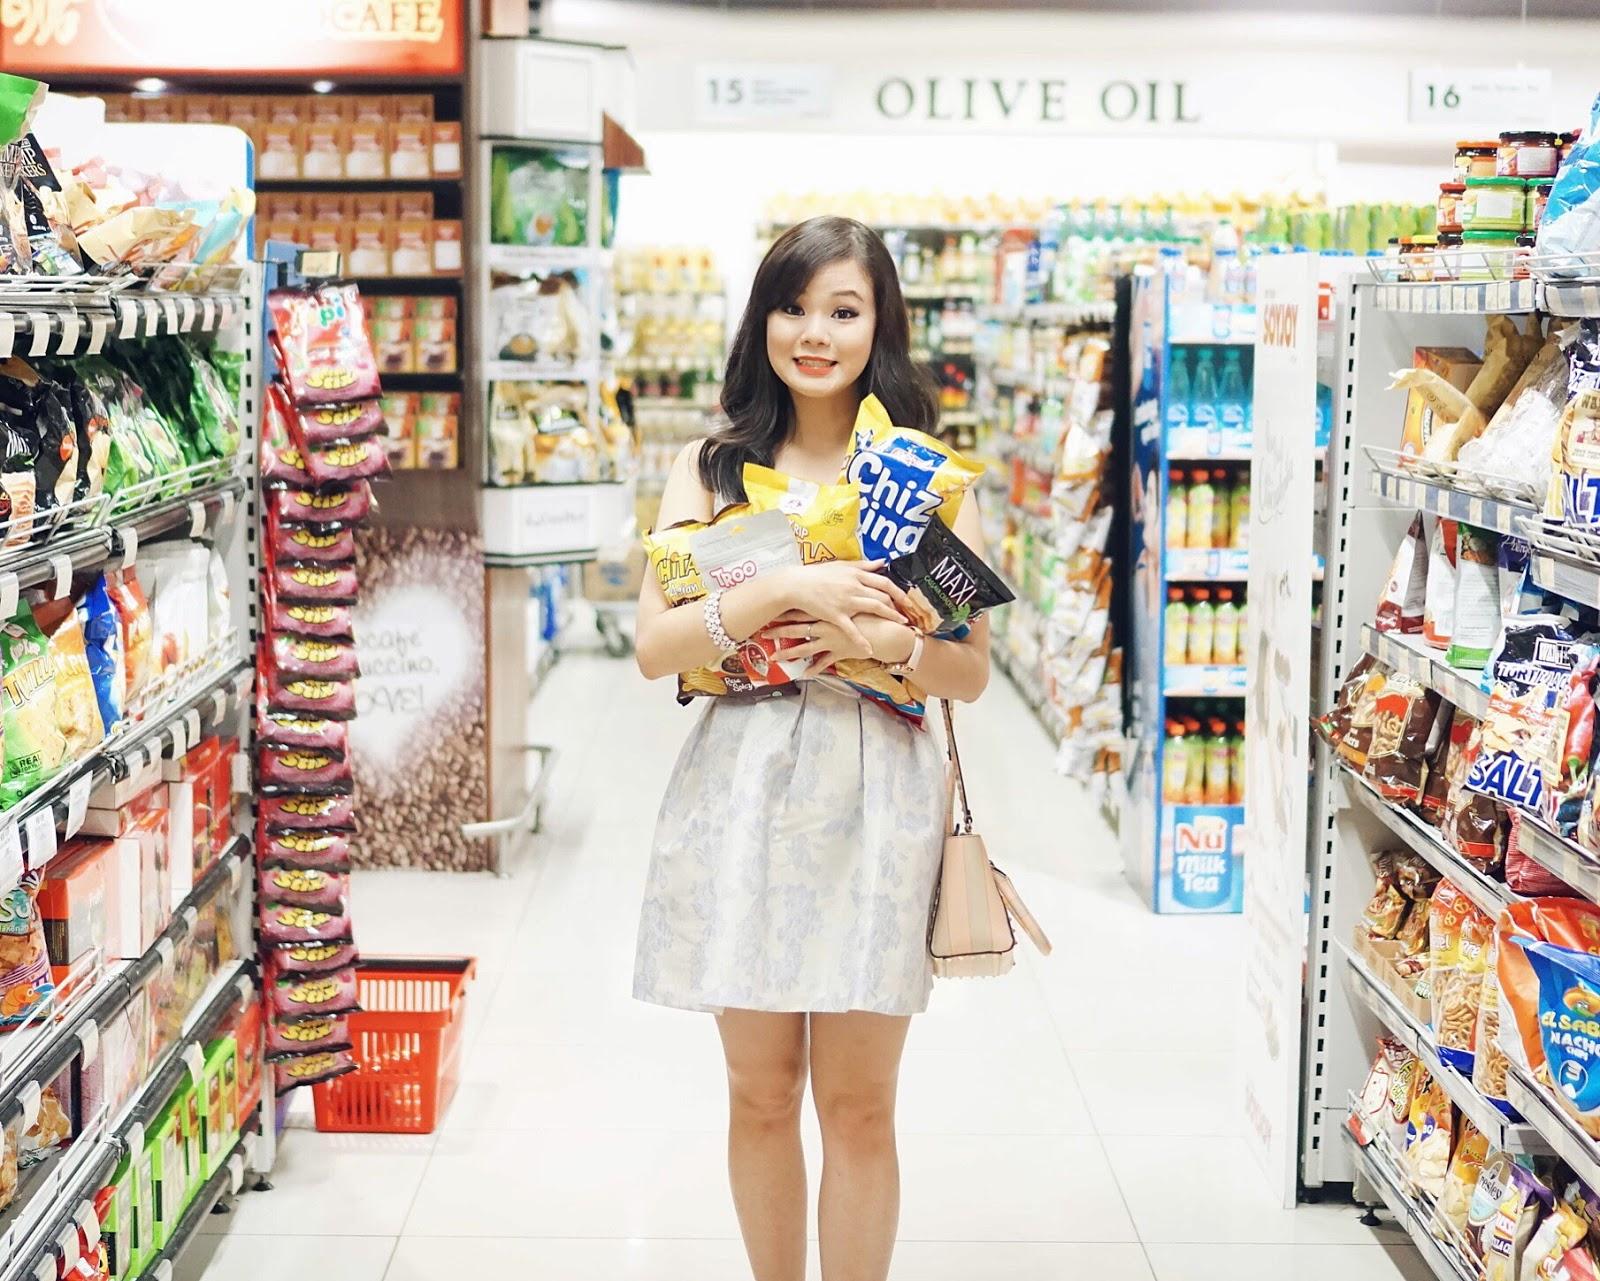 lifull, lifull produk, makeup gratis, skincare gratis, produk gratis, snack gratis, gratis, blog, blog competition